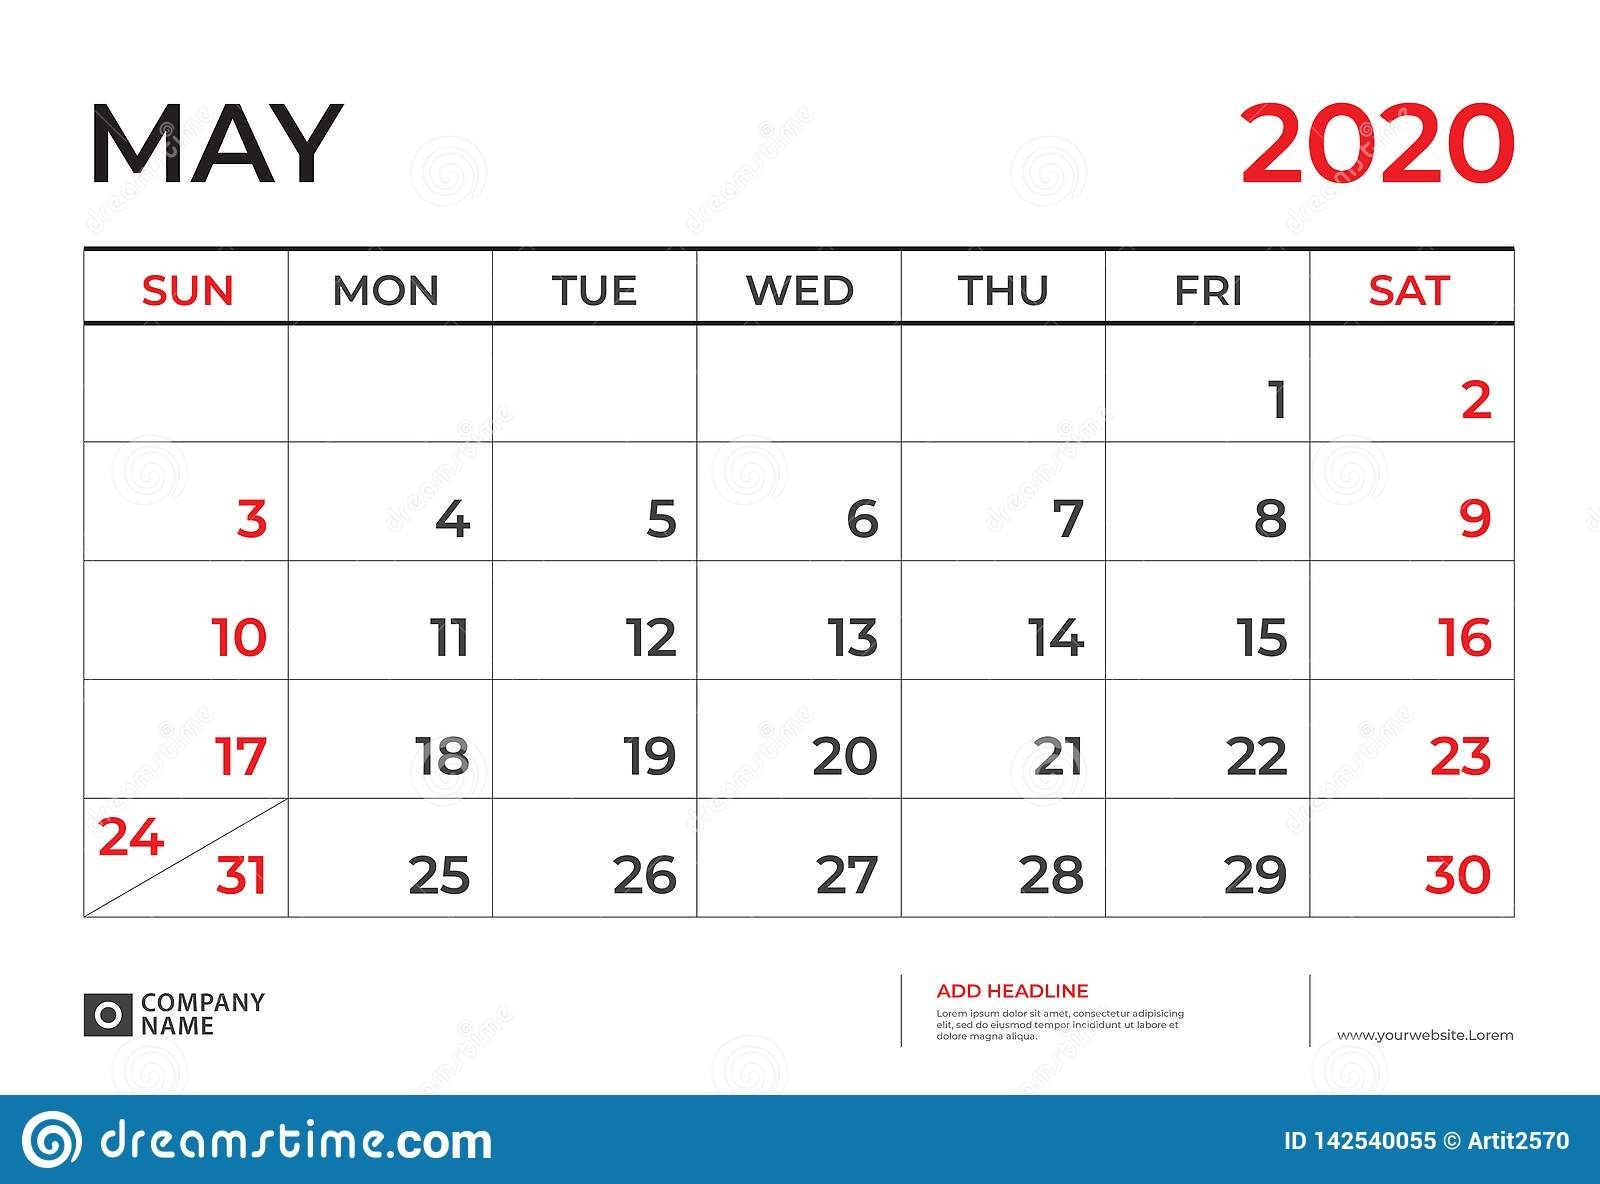 May 2020 Calendar Template, Desk Calendar Layout Size 9.5 X